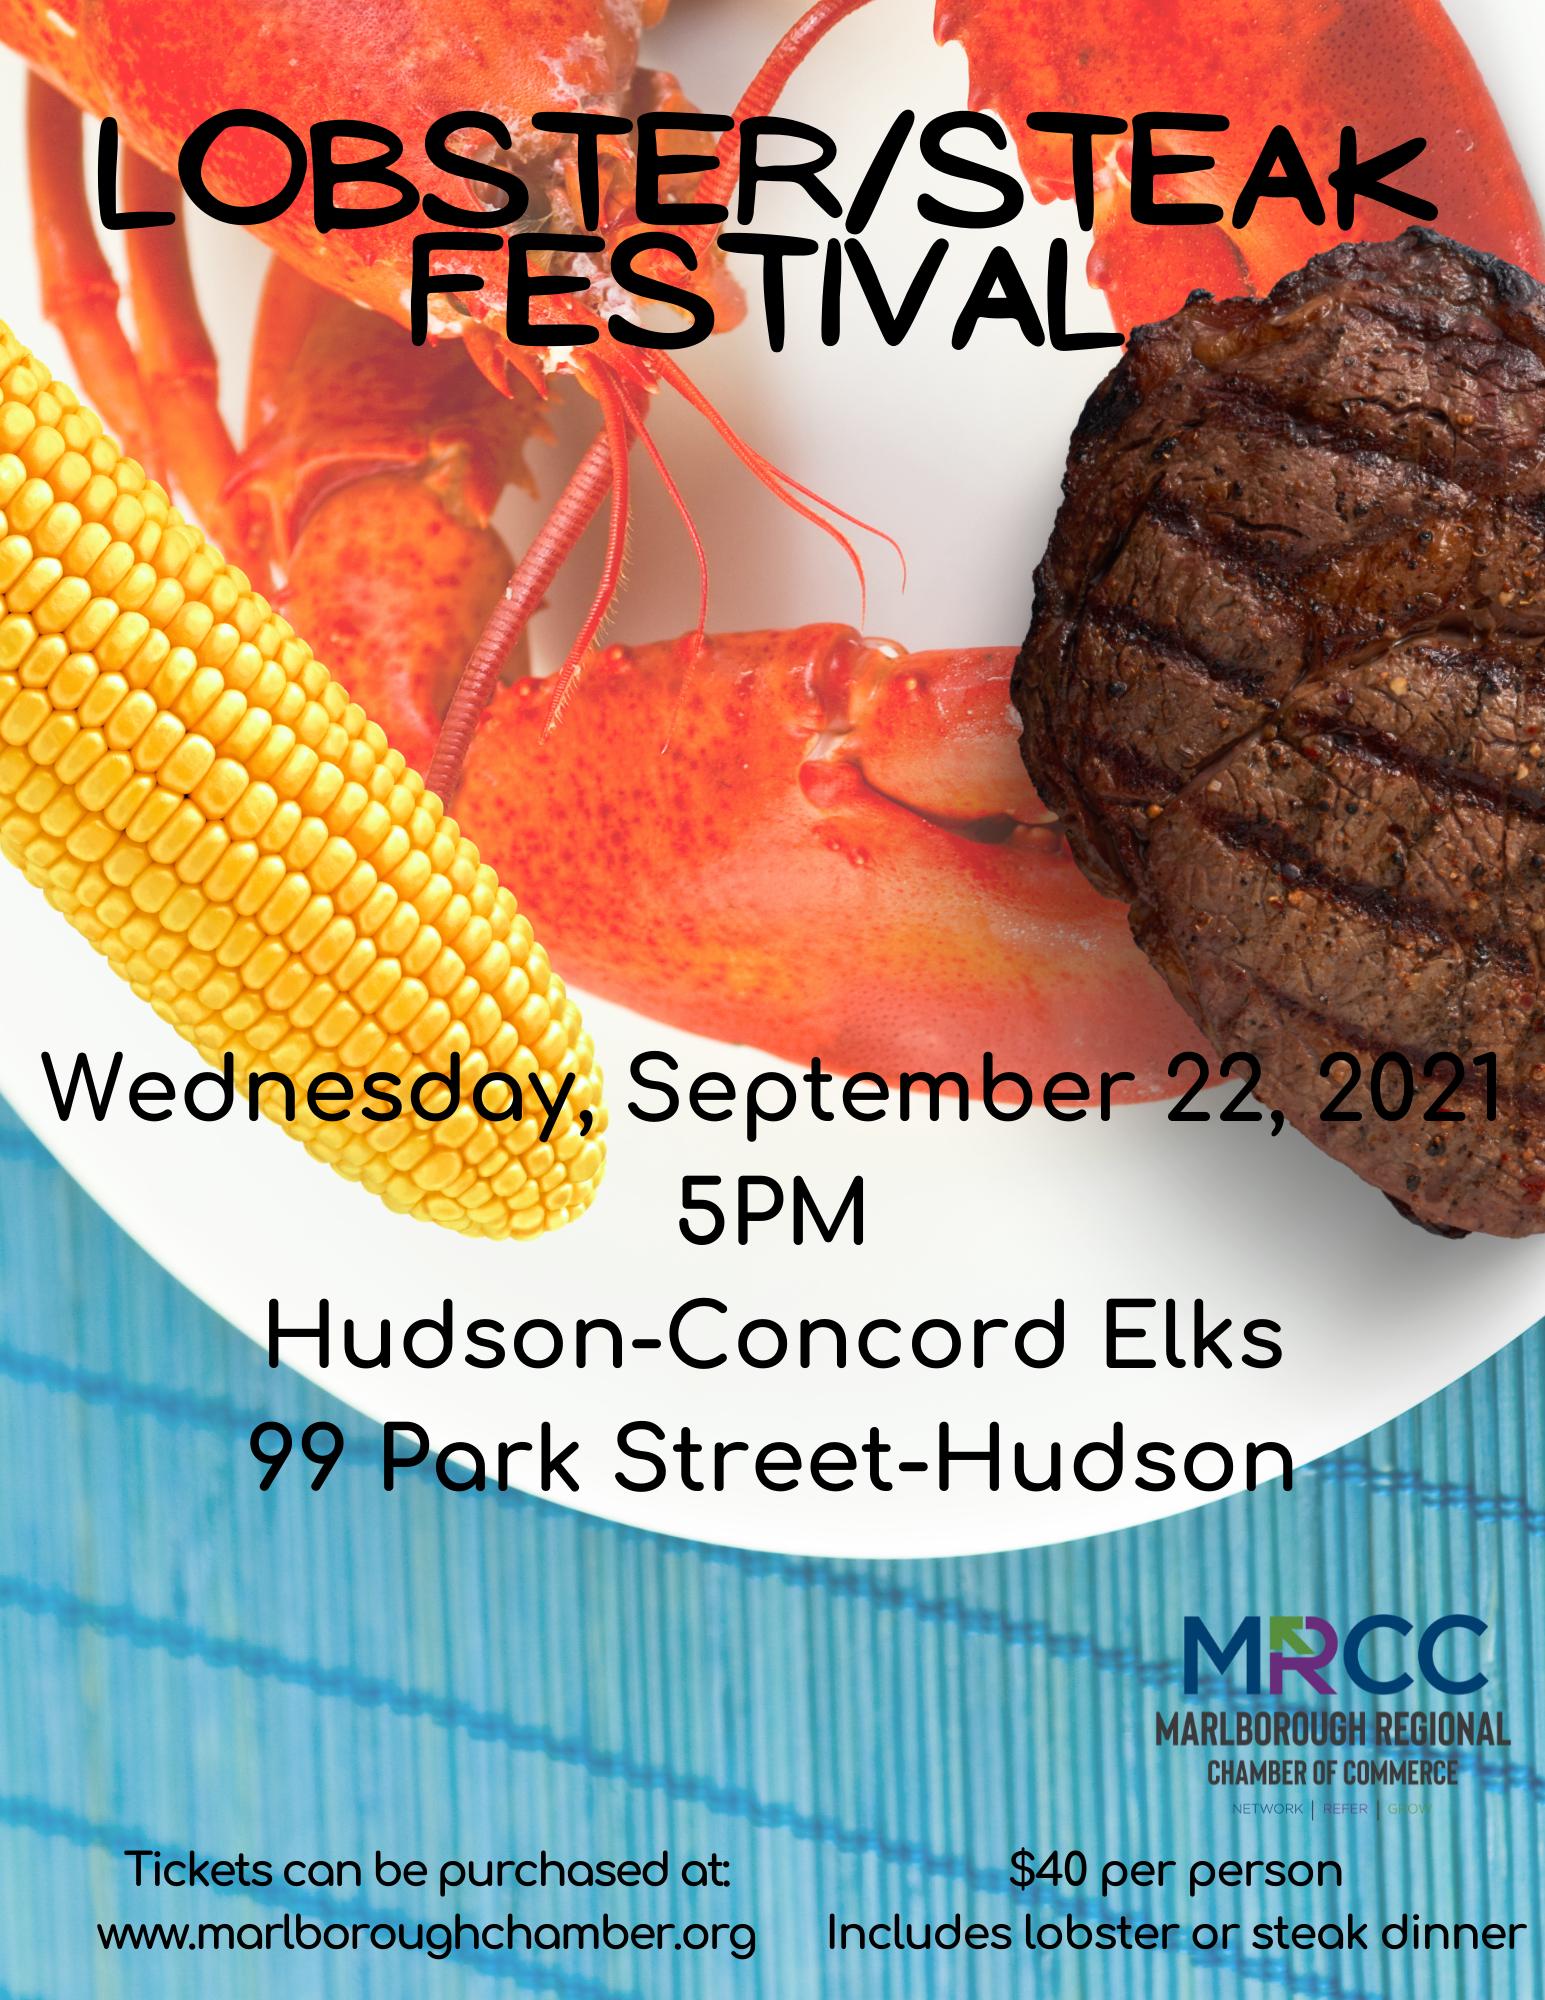 Steak & Lobster Festival!